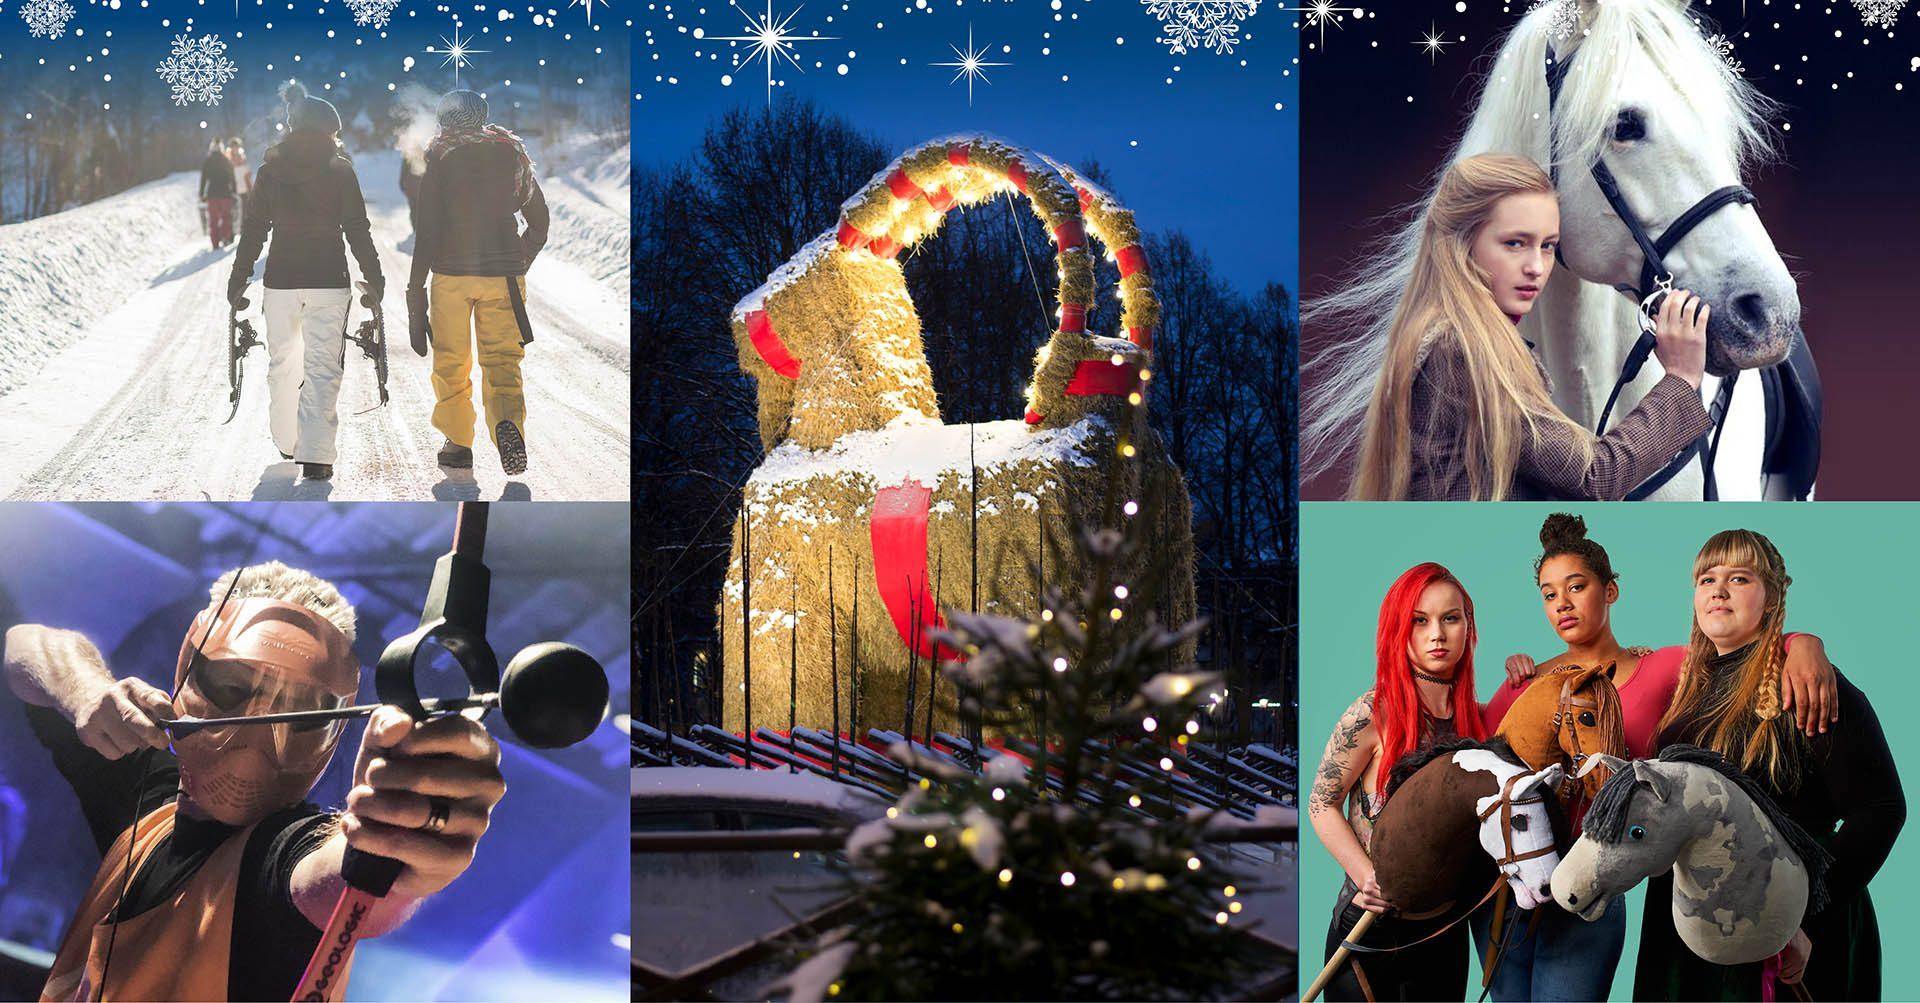 Jullovsbilder